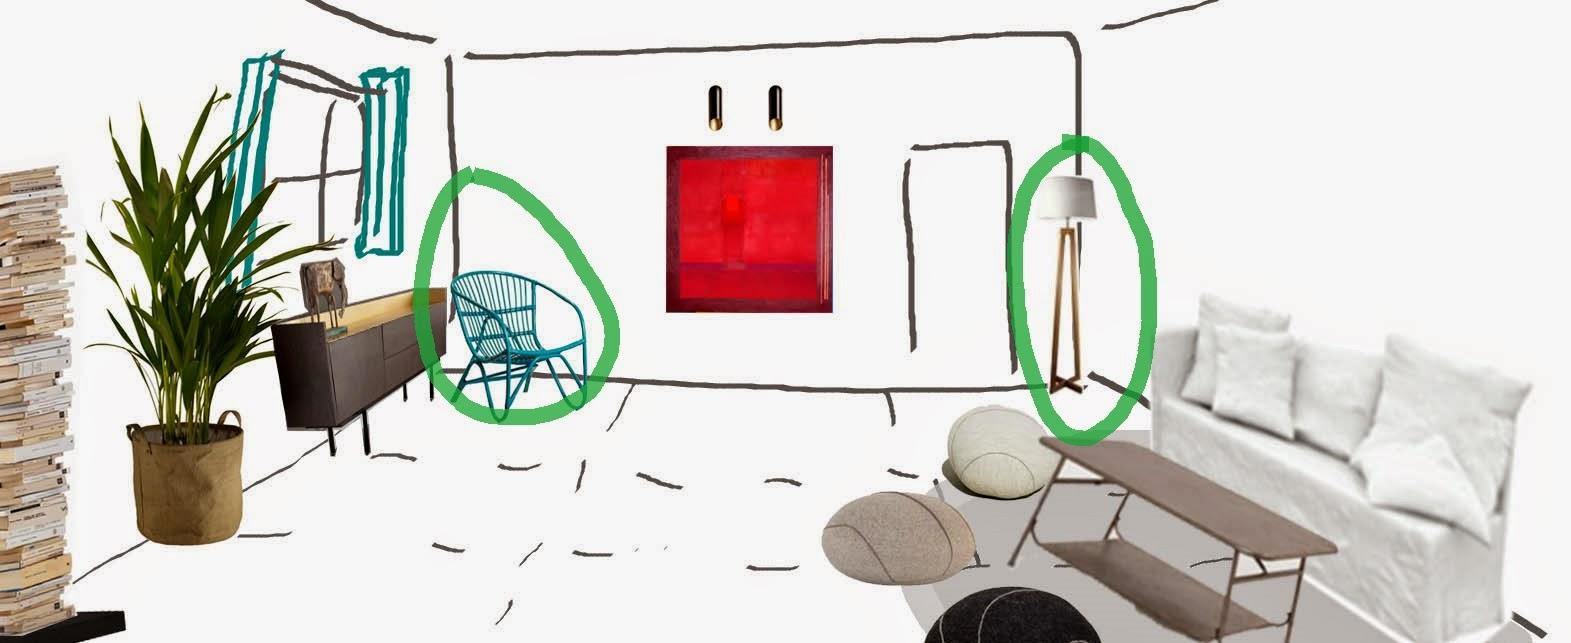 Objet Feng Shui comment rendre votre appartement plus fengshui ?   blog déco   mydecolab